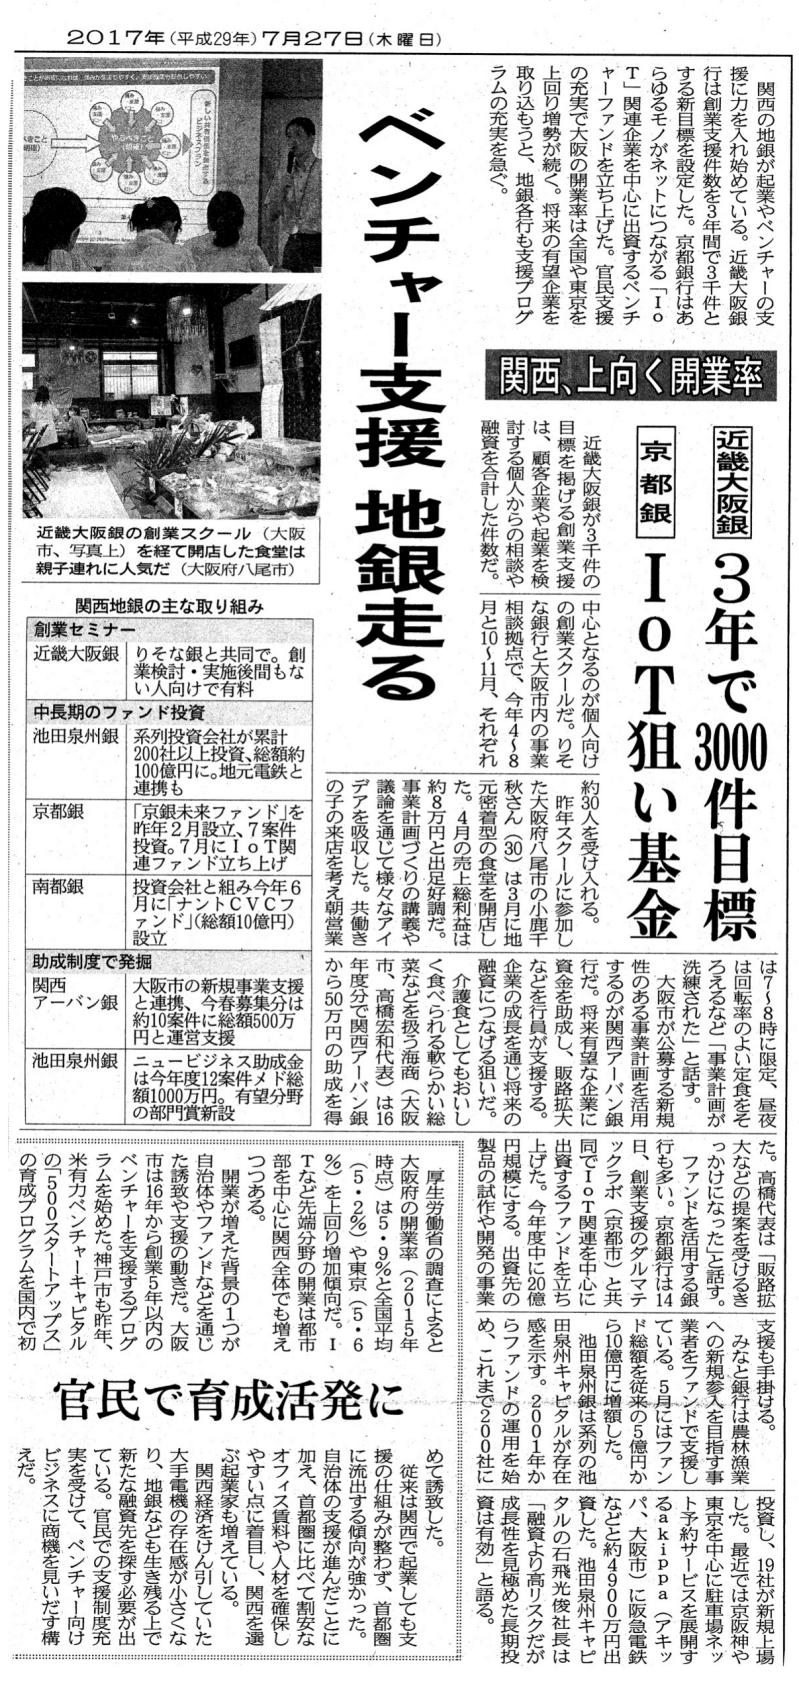 2017年7月27日 日本経済新聞